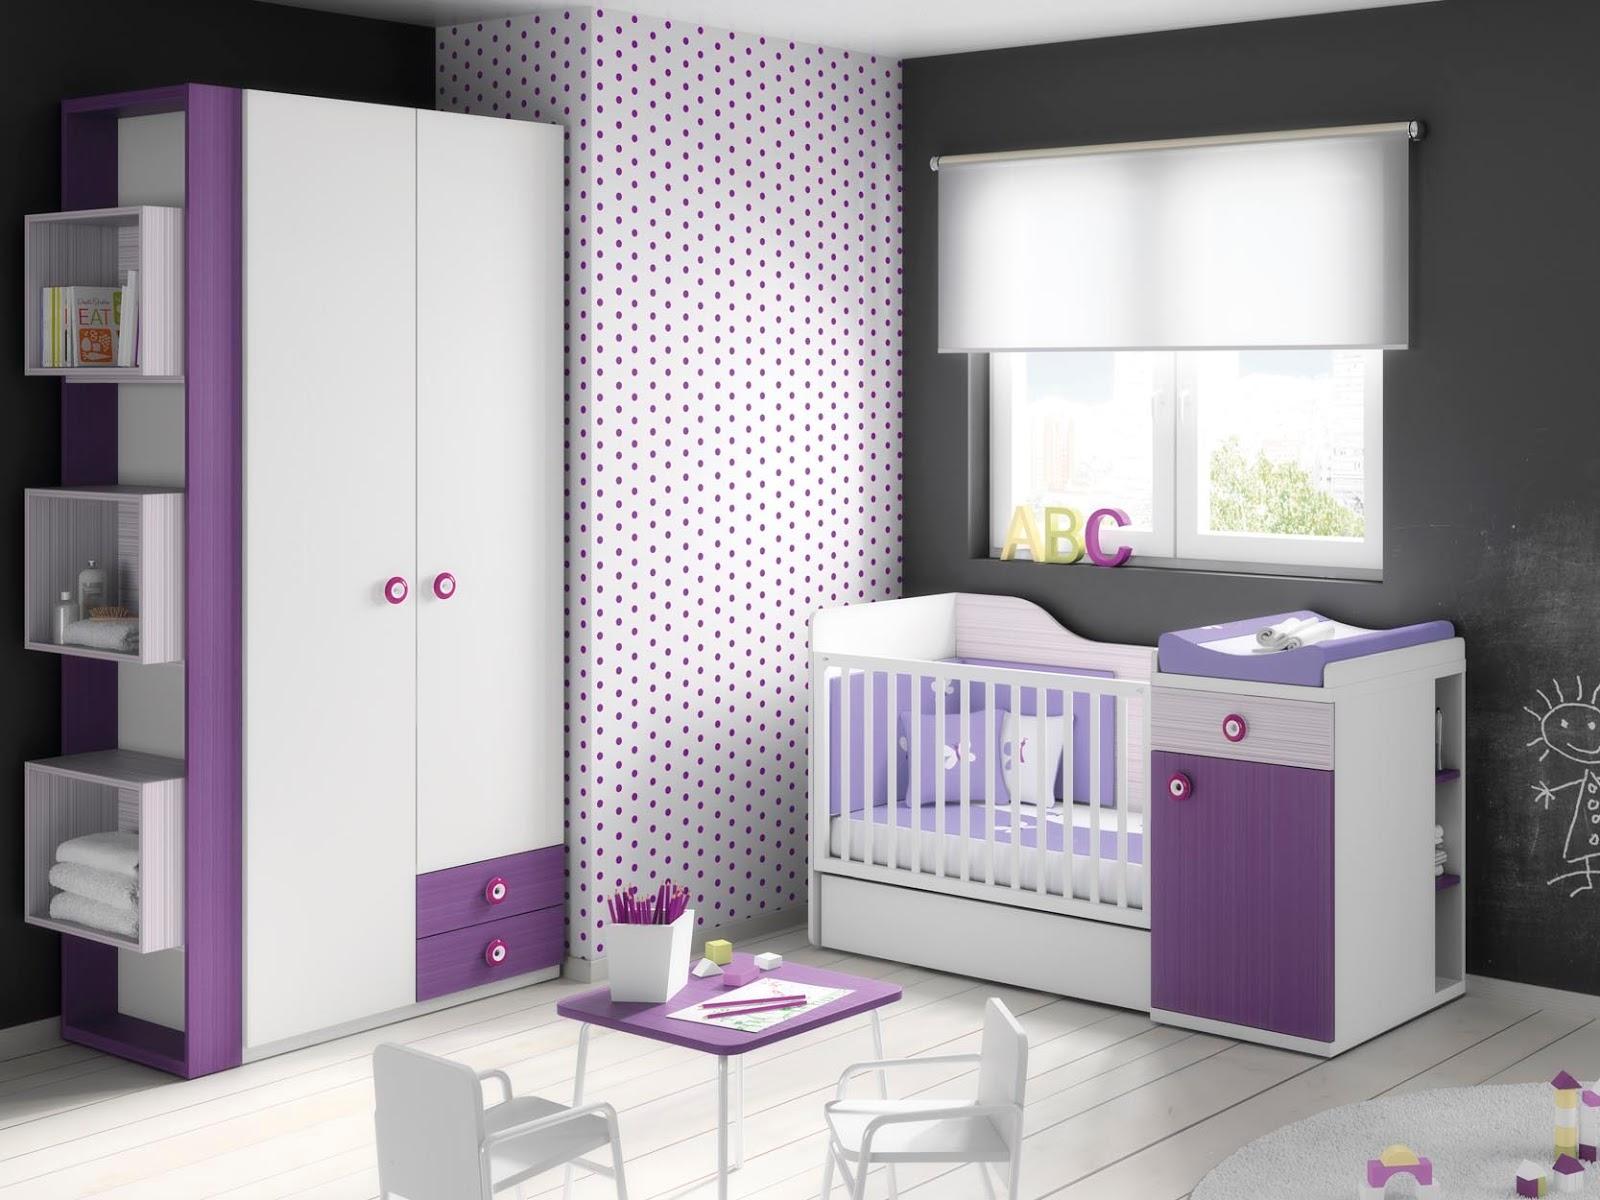 Culle per neonati: Cameretta per bambini Elite